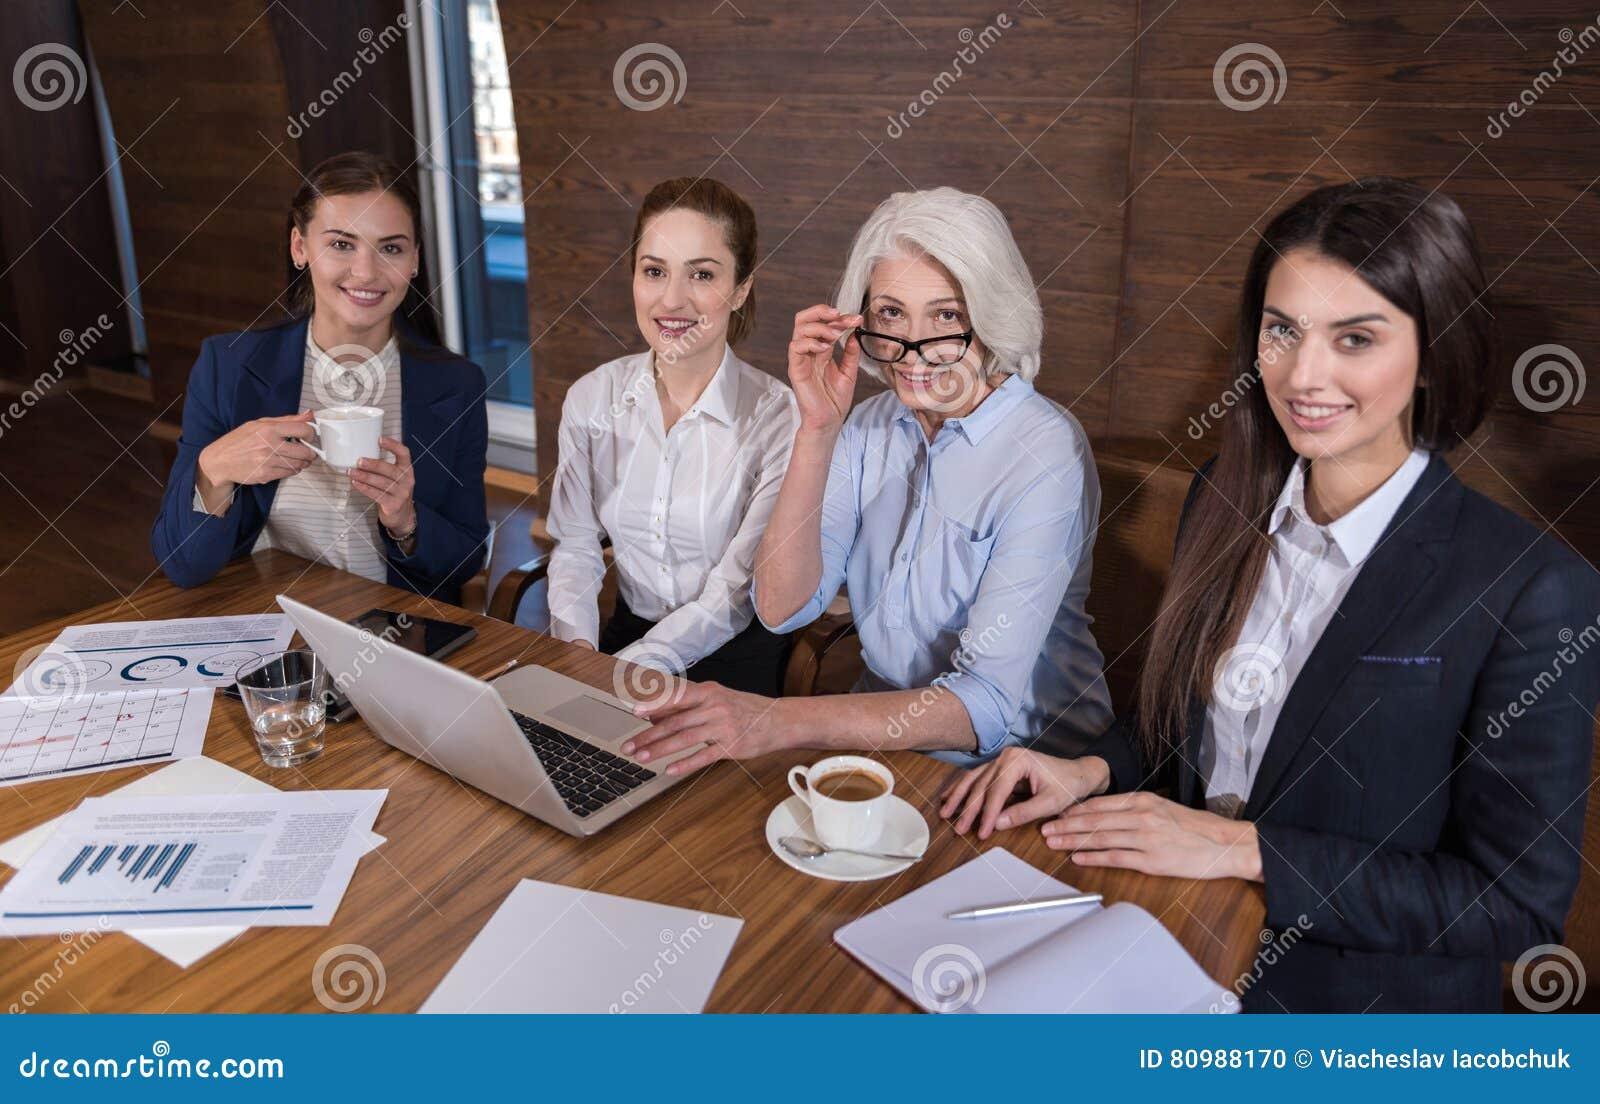 Collègues avec plaisir posant après travail